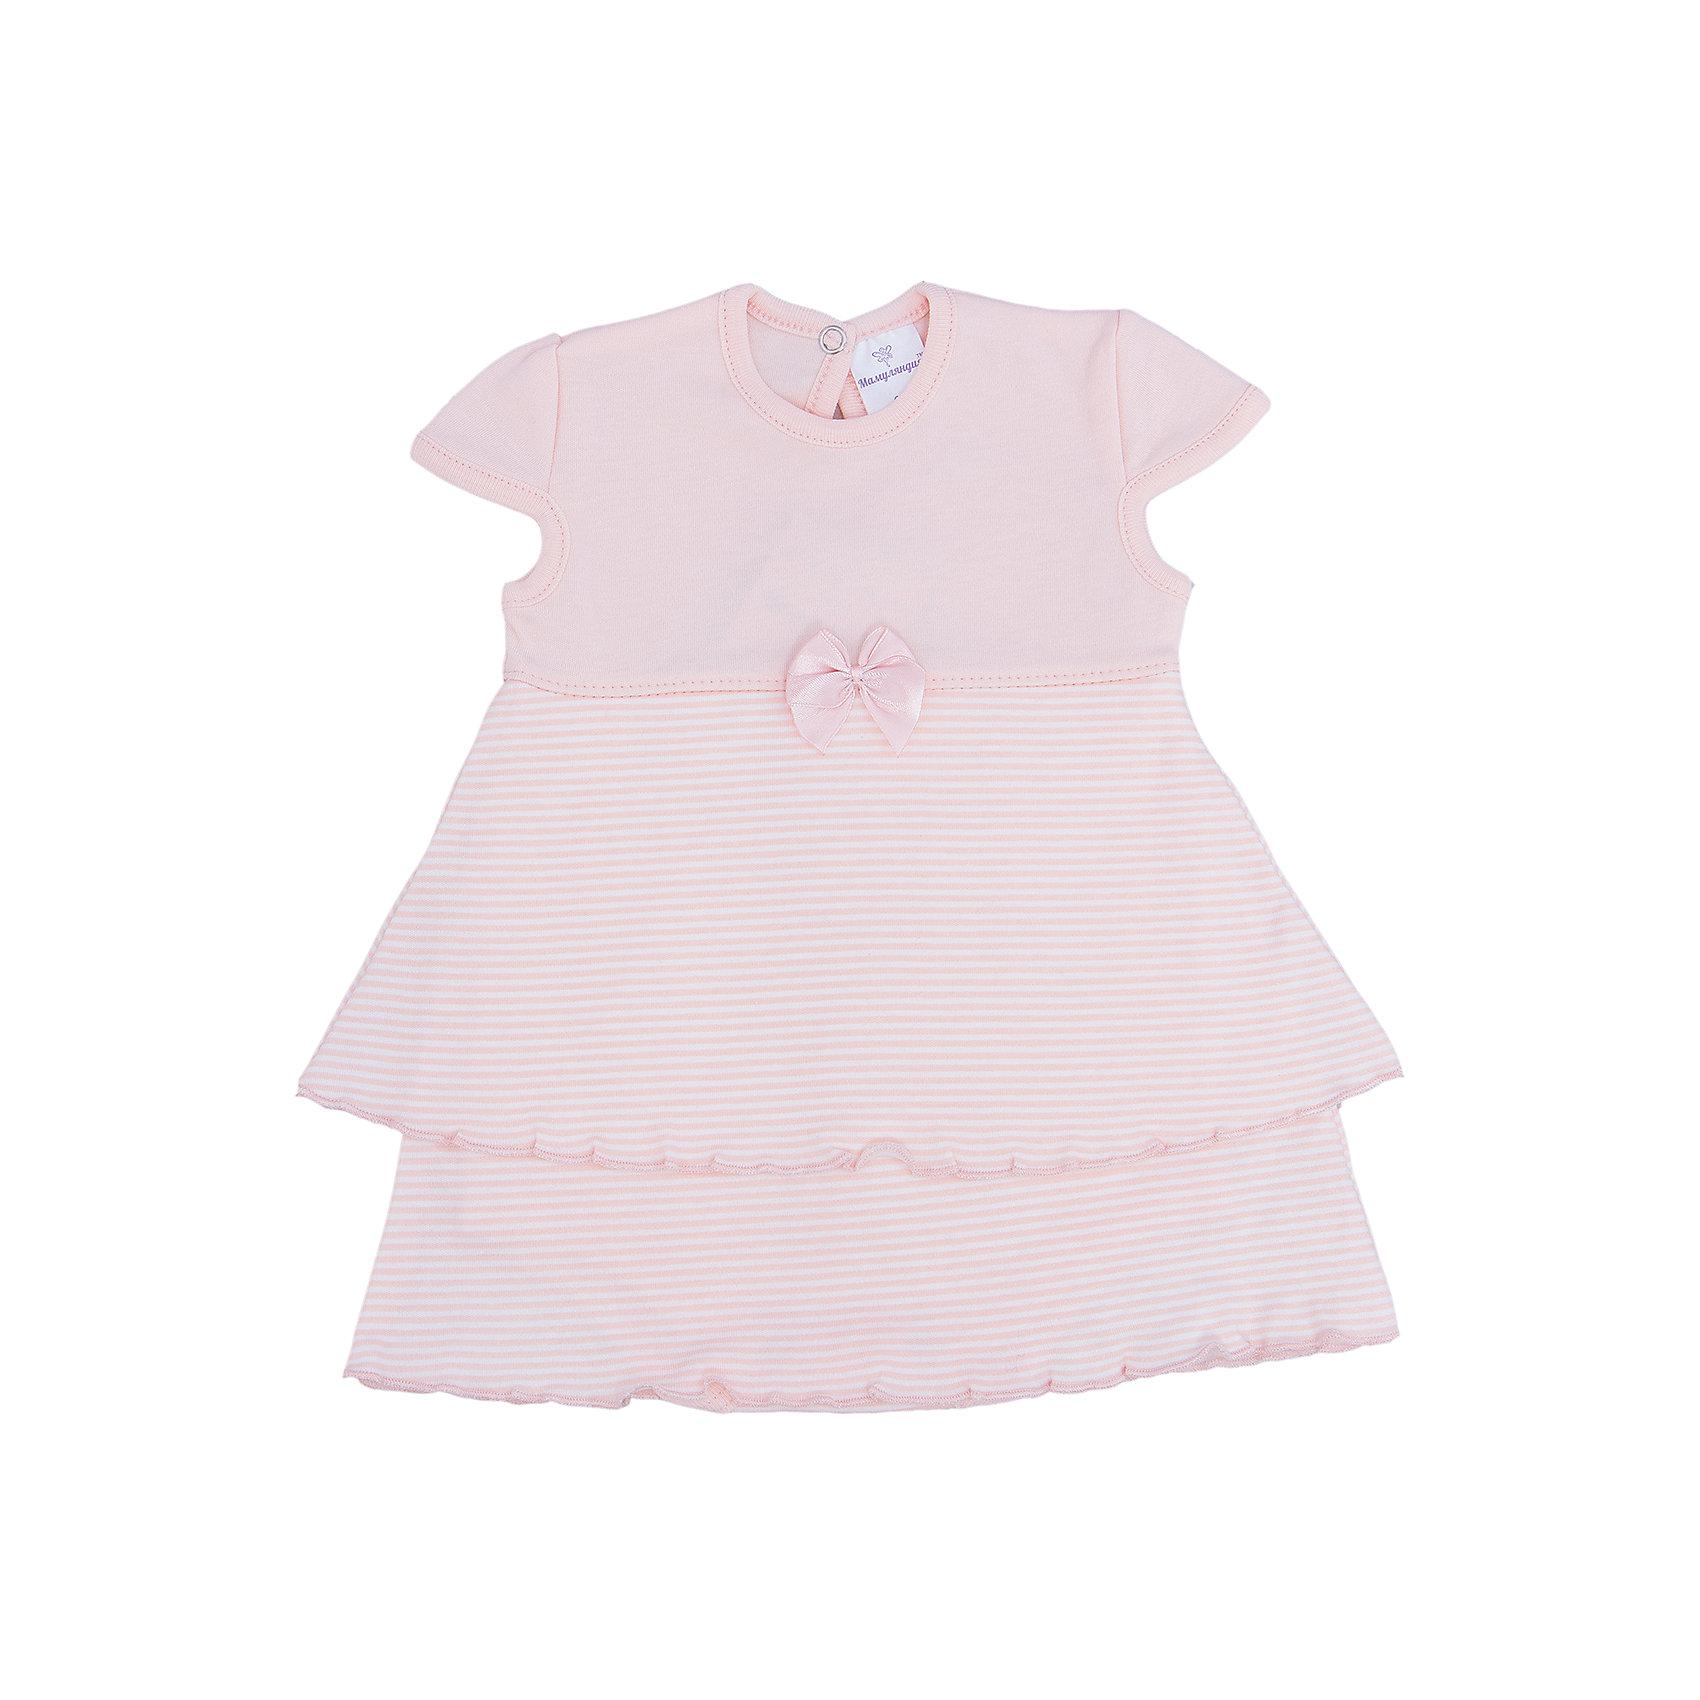 Боди-платье для девочки МамуляндияБоди<br>Боди-платье из дизайнерской коллекции для девочек , выполнено из трикотажноготна высшего качества (интерлок пенье).  Декорировано бантом. Удобное расположение кнопок для переодевания малыша или смены подгузника. Стирать при температуре 40, носить с удовольствием. 100% хлопок<br><br>Ширина мм: 157<br>Глубина мм: 13<br>Высота мм: 119<br>Вес г: 200<br>Цвет: розовый<br>Возраст от месяцев: 2<br>Возраст до месяцев: 5<br>Пол: Женский<br>Возраст: Детский<br>Размер: 62,80,86,68,74<br>SKU: 4735500